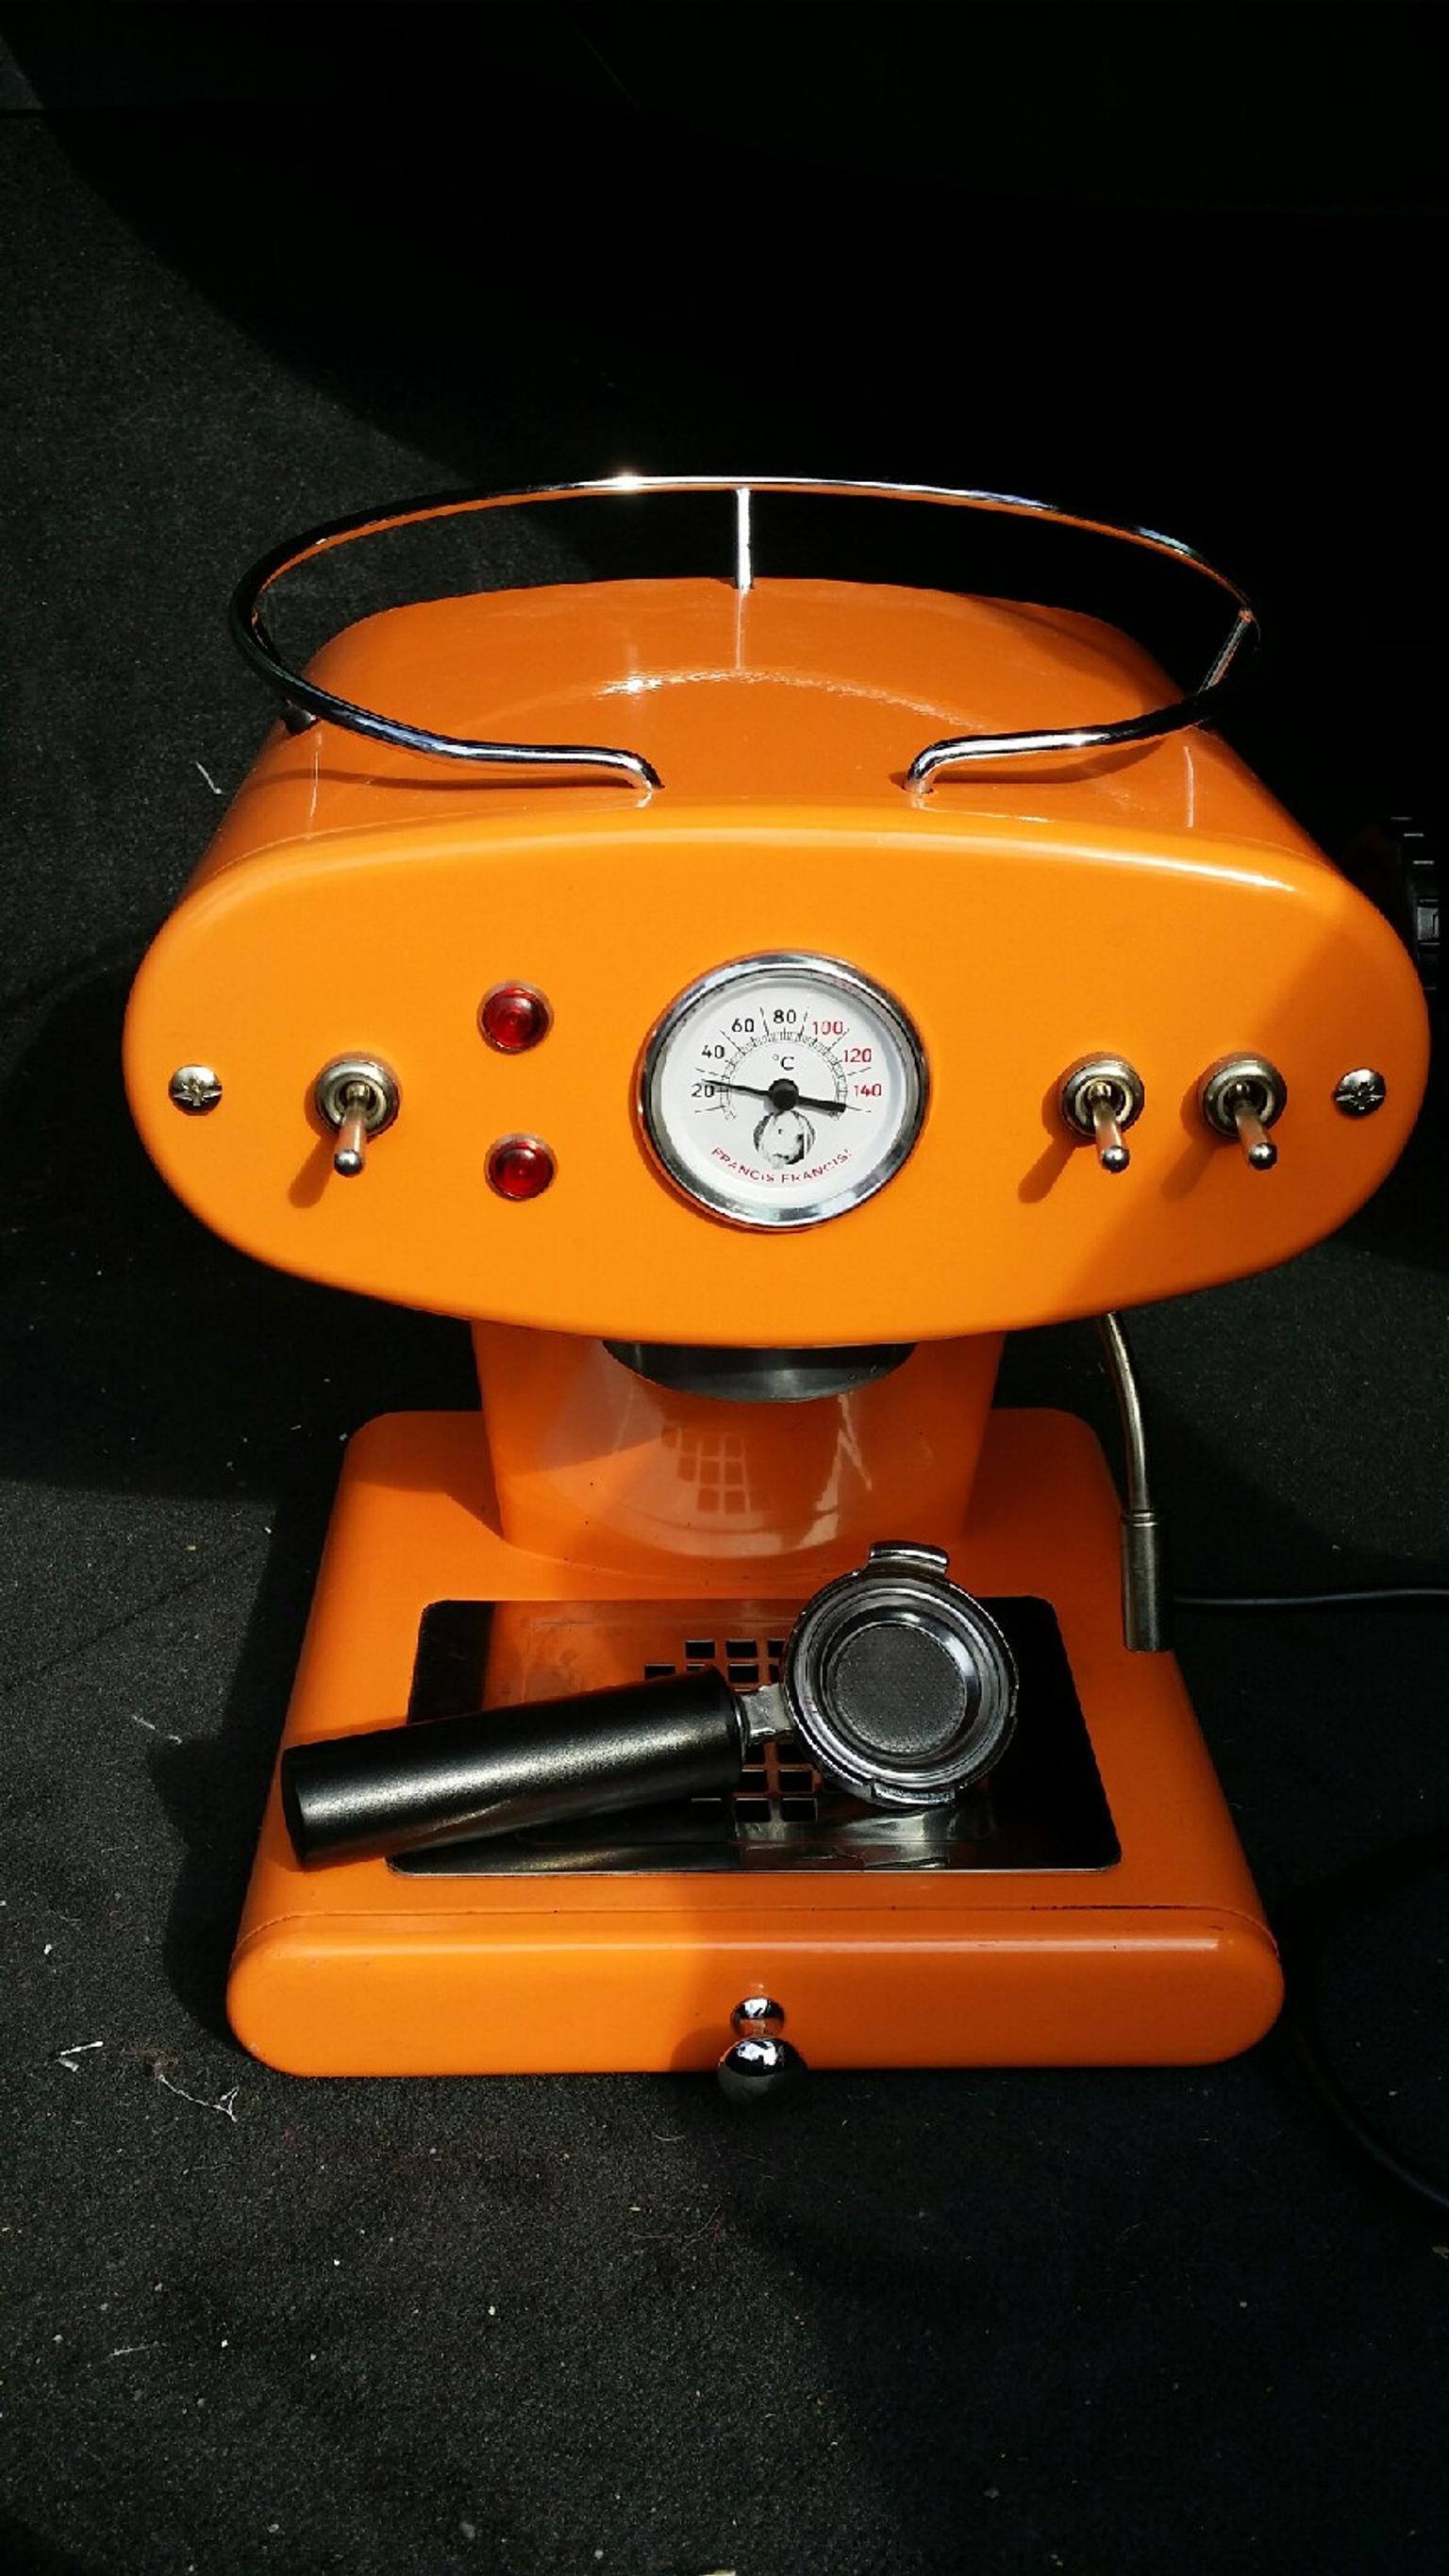 gebraucht designer kaffeemaschine von illy in 9020  ~ Kaffeemaschine Zu Verschenken